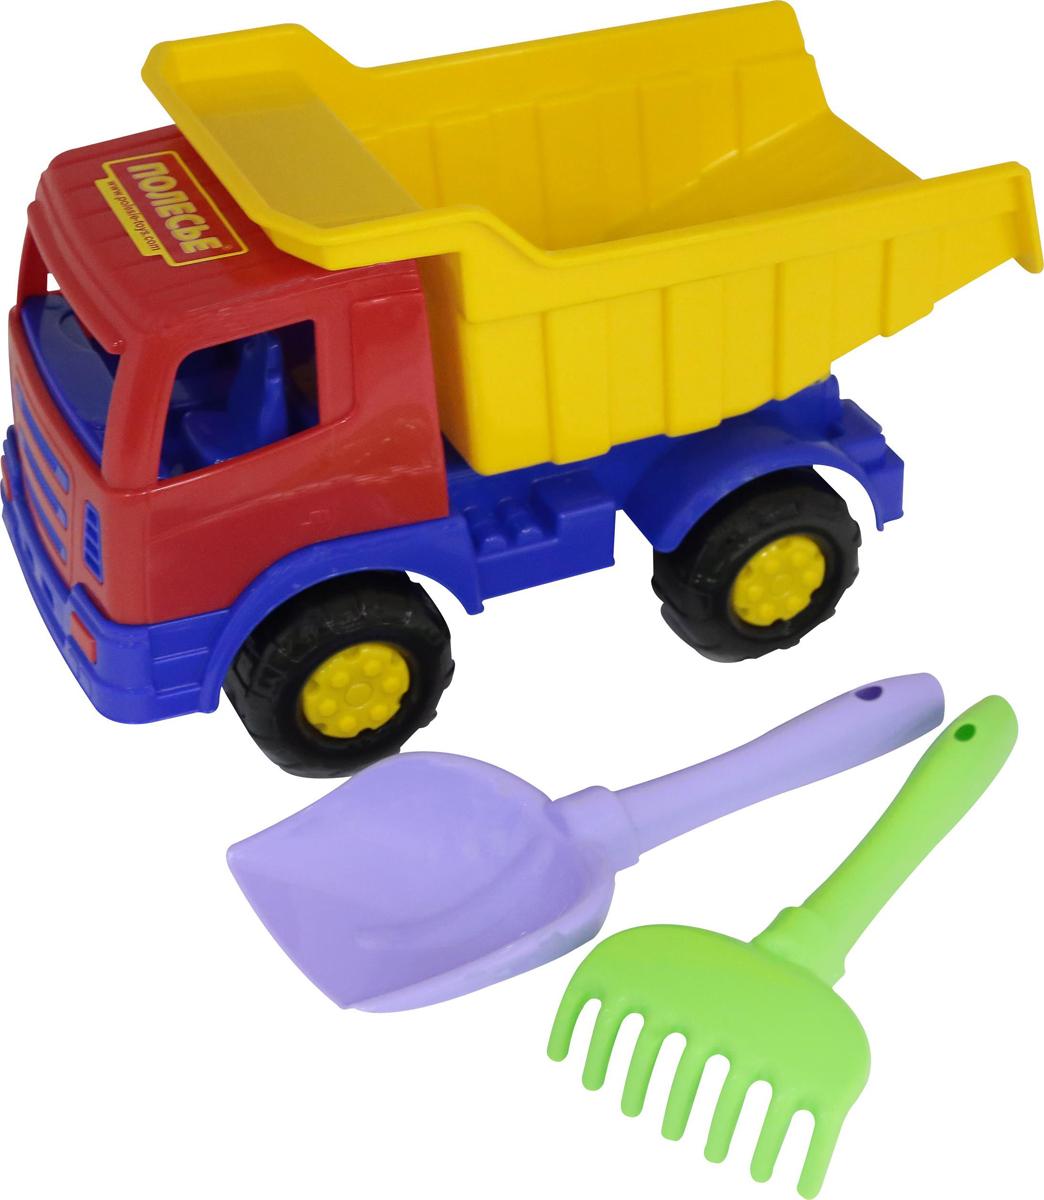 Полесье Набор игрушек для песочницы №183 Мираж, цвет в ассортименте компьютер учиться никогда не поздно 2 е изд